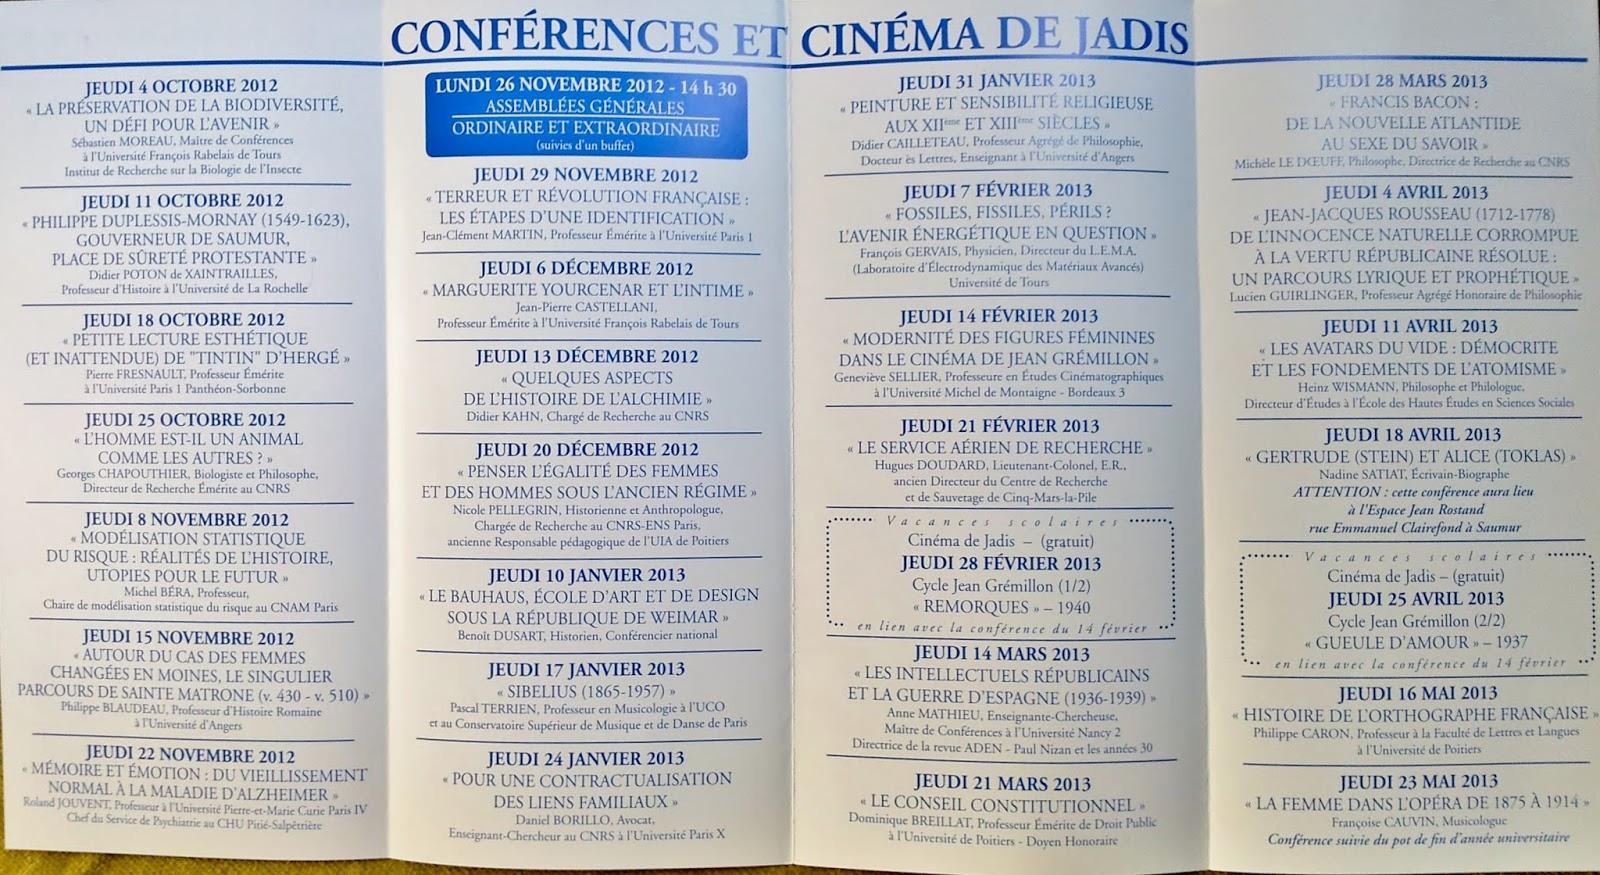 SaumurTempsLibre: 16 années de conférences